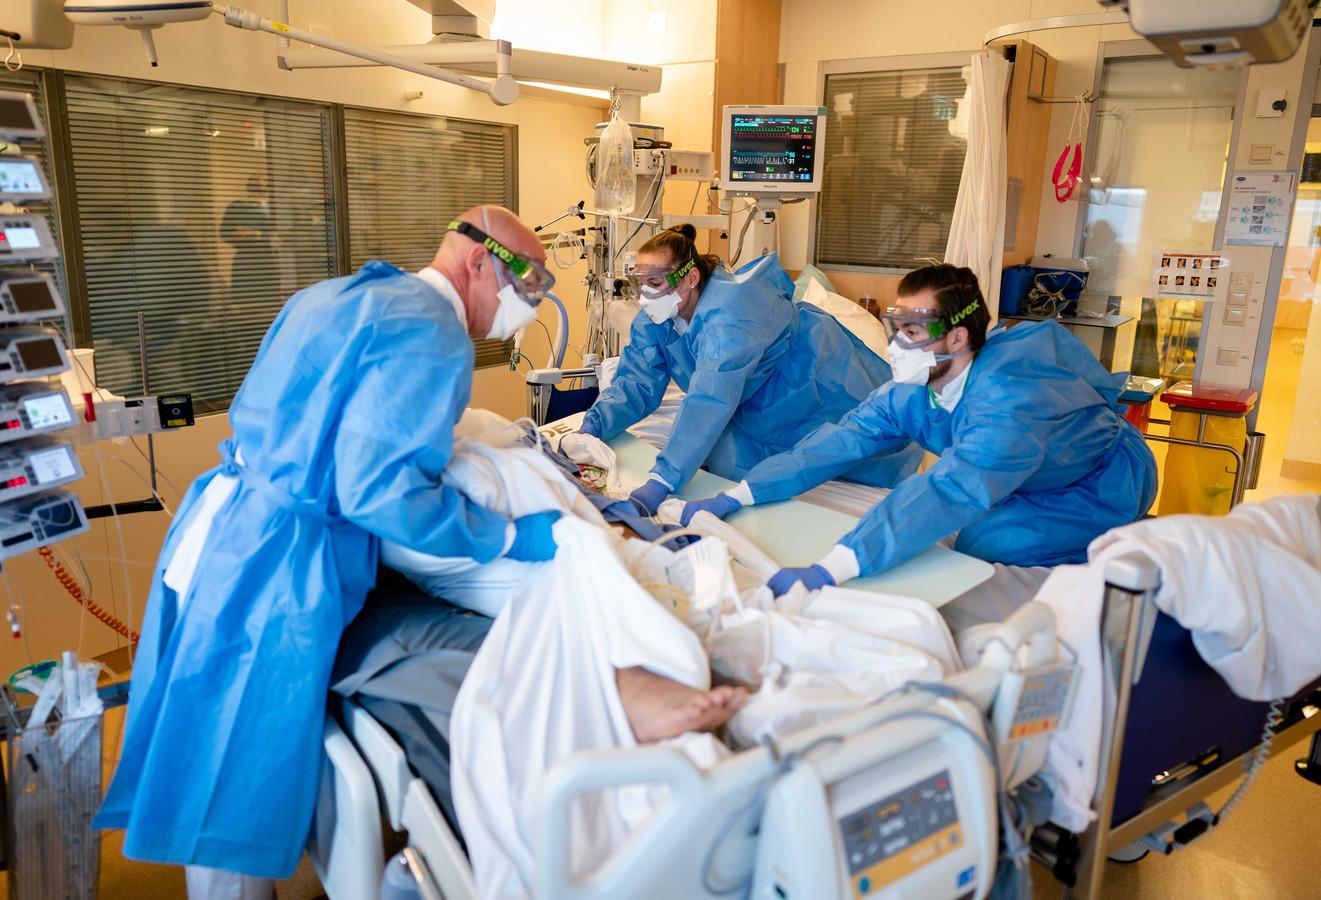 Ziekenhuizen merken mondjesmaat dat er minder patiënten binnenkomen.